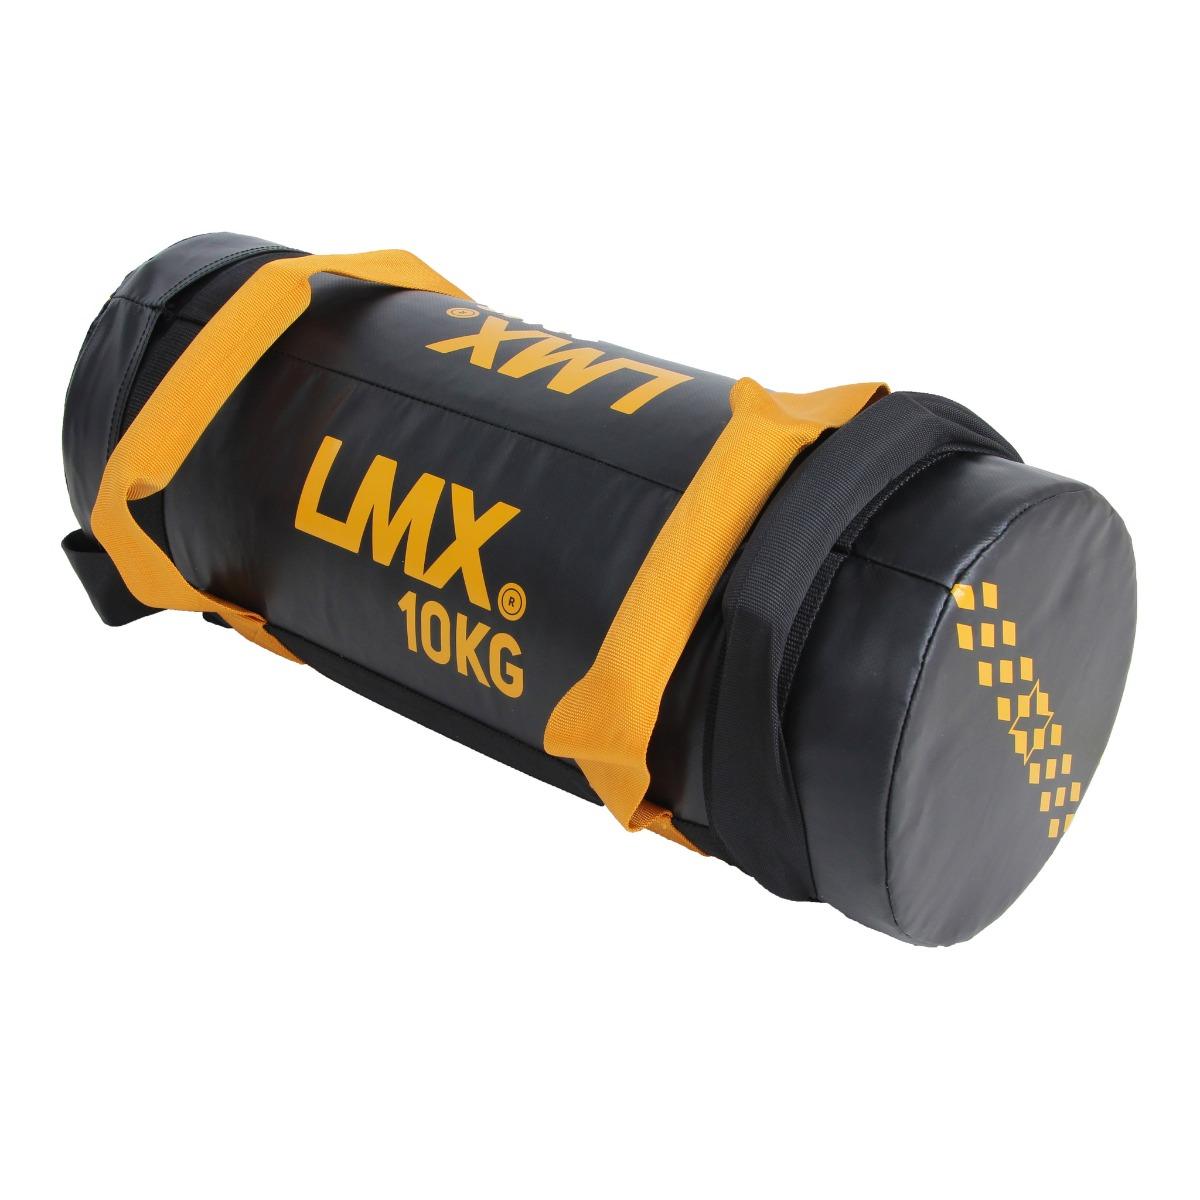 LMX WEIGHTBAG - GEWICHTSZAK - POWER BAG - BISONYL - 10 KILO - JOKASPORT.NL